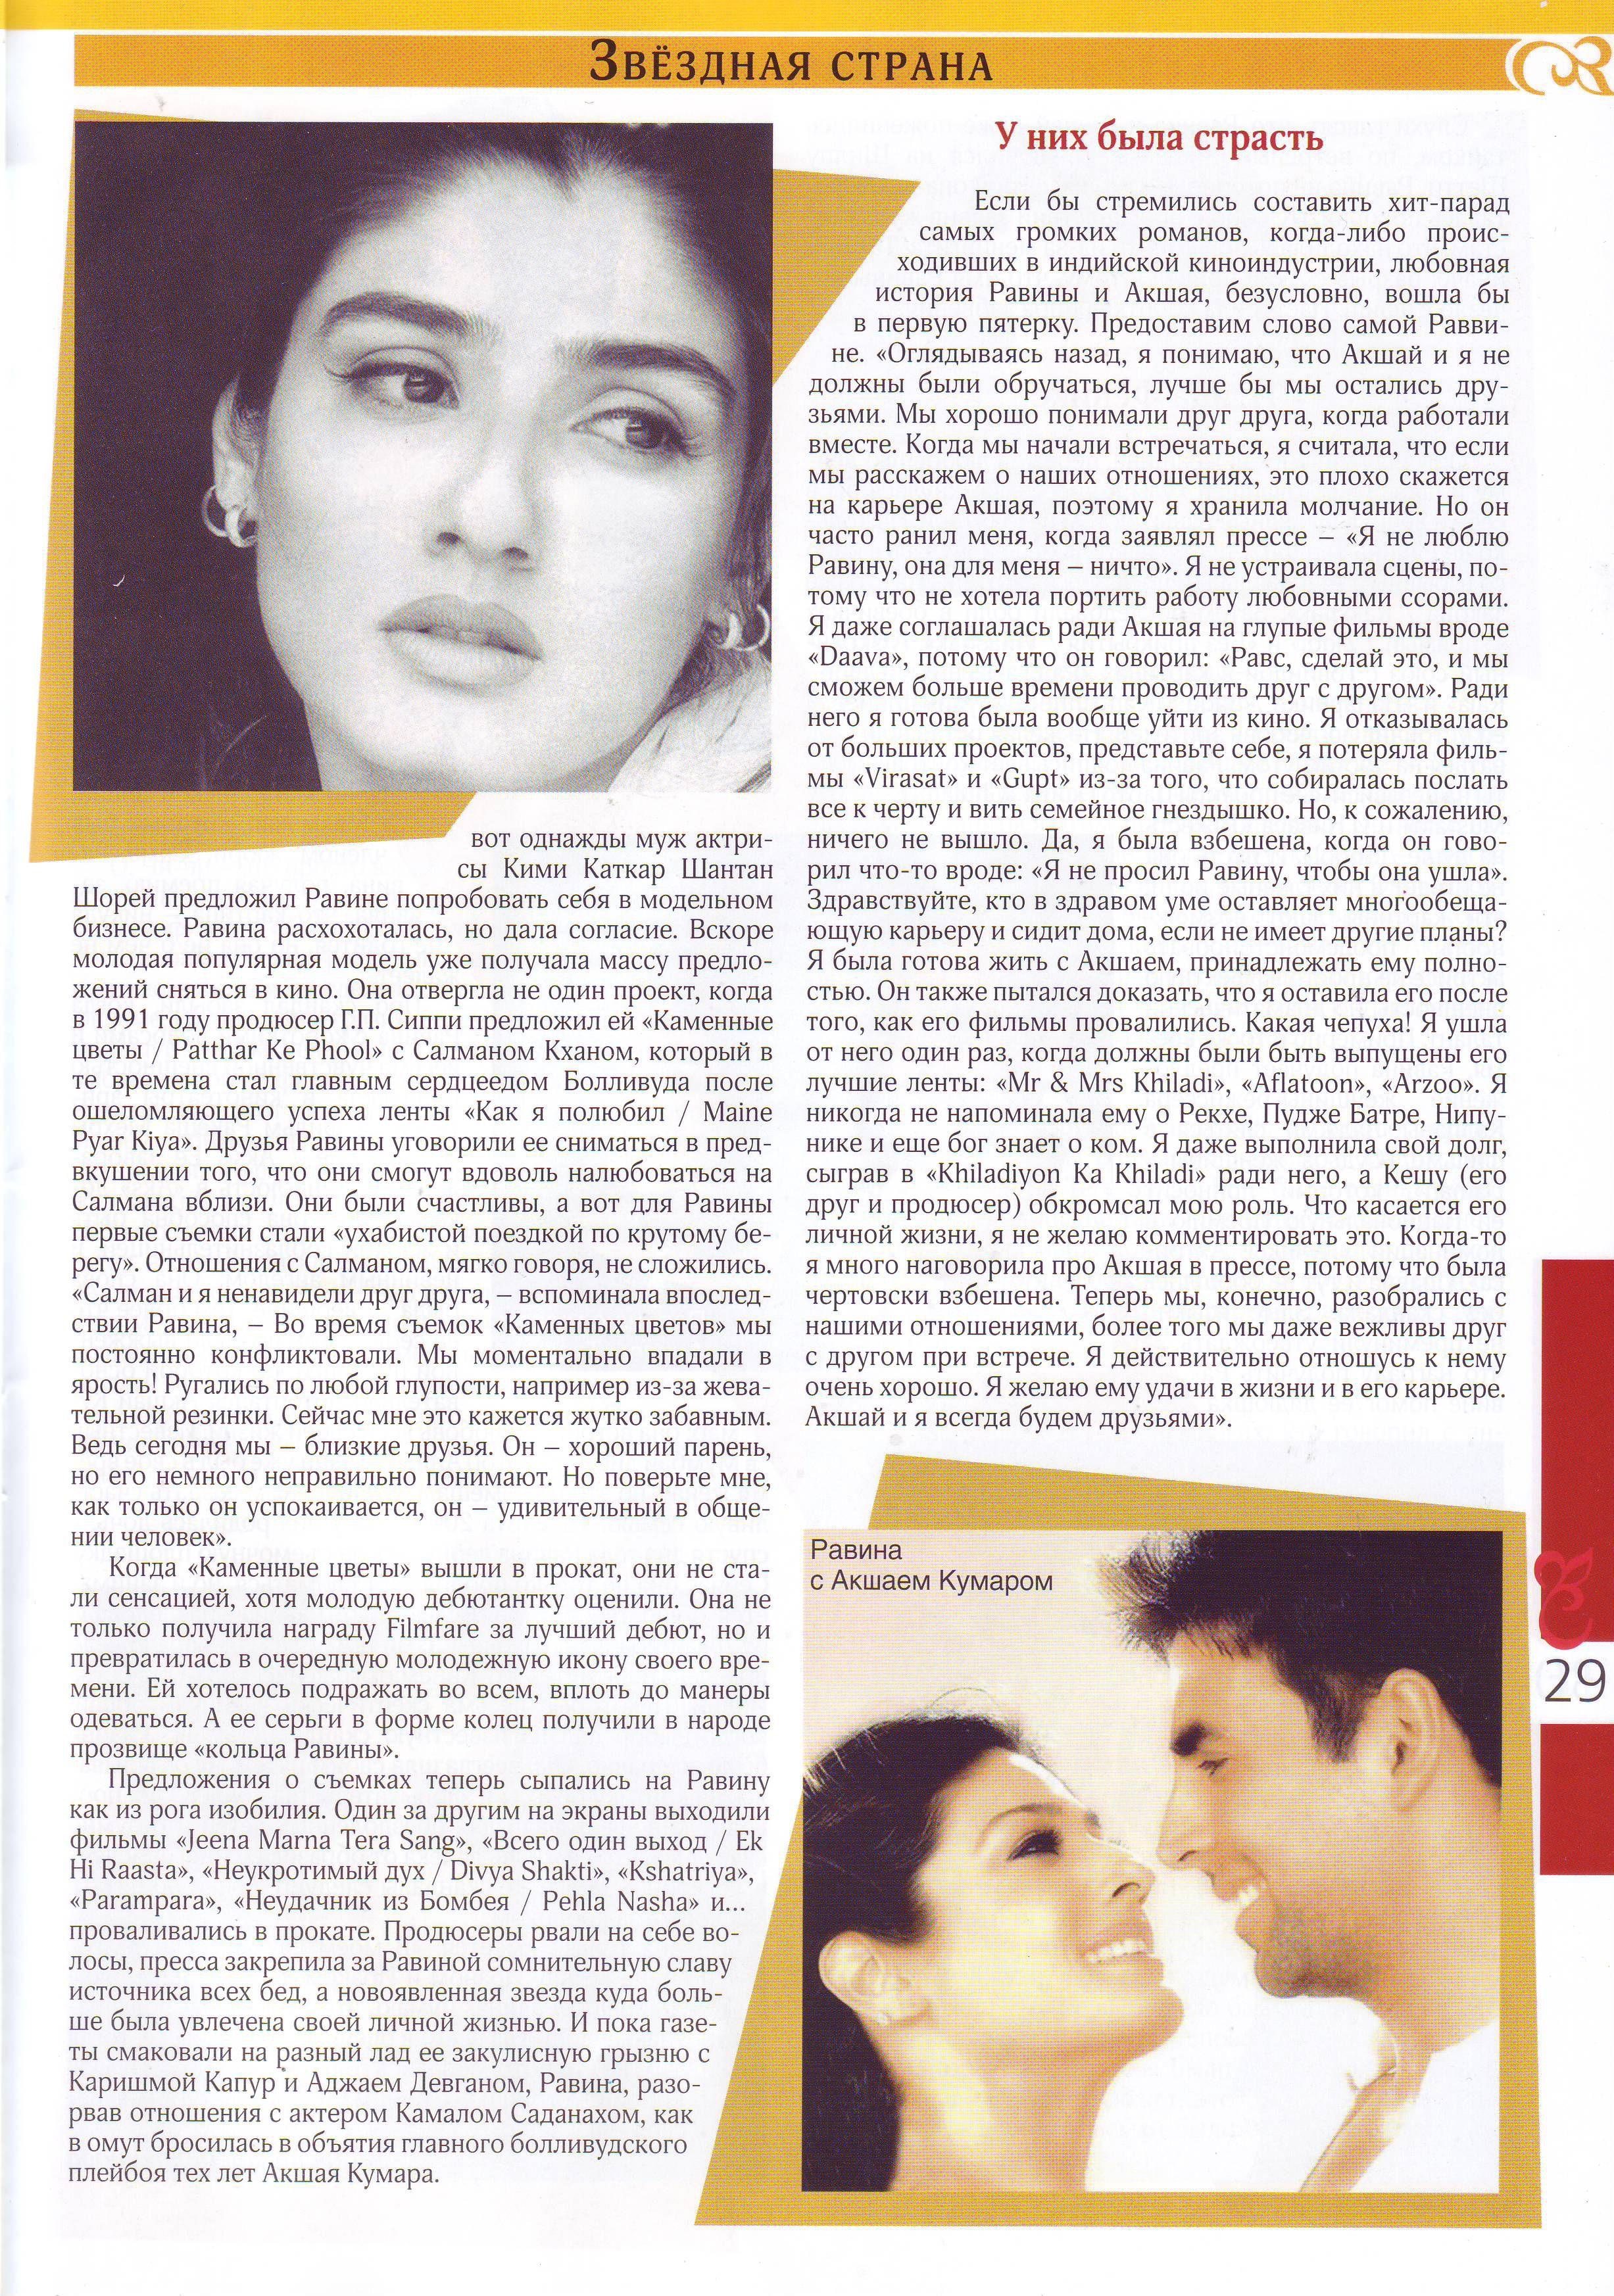 МИК N 32 стр.29.JPG